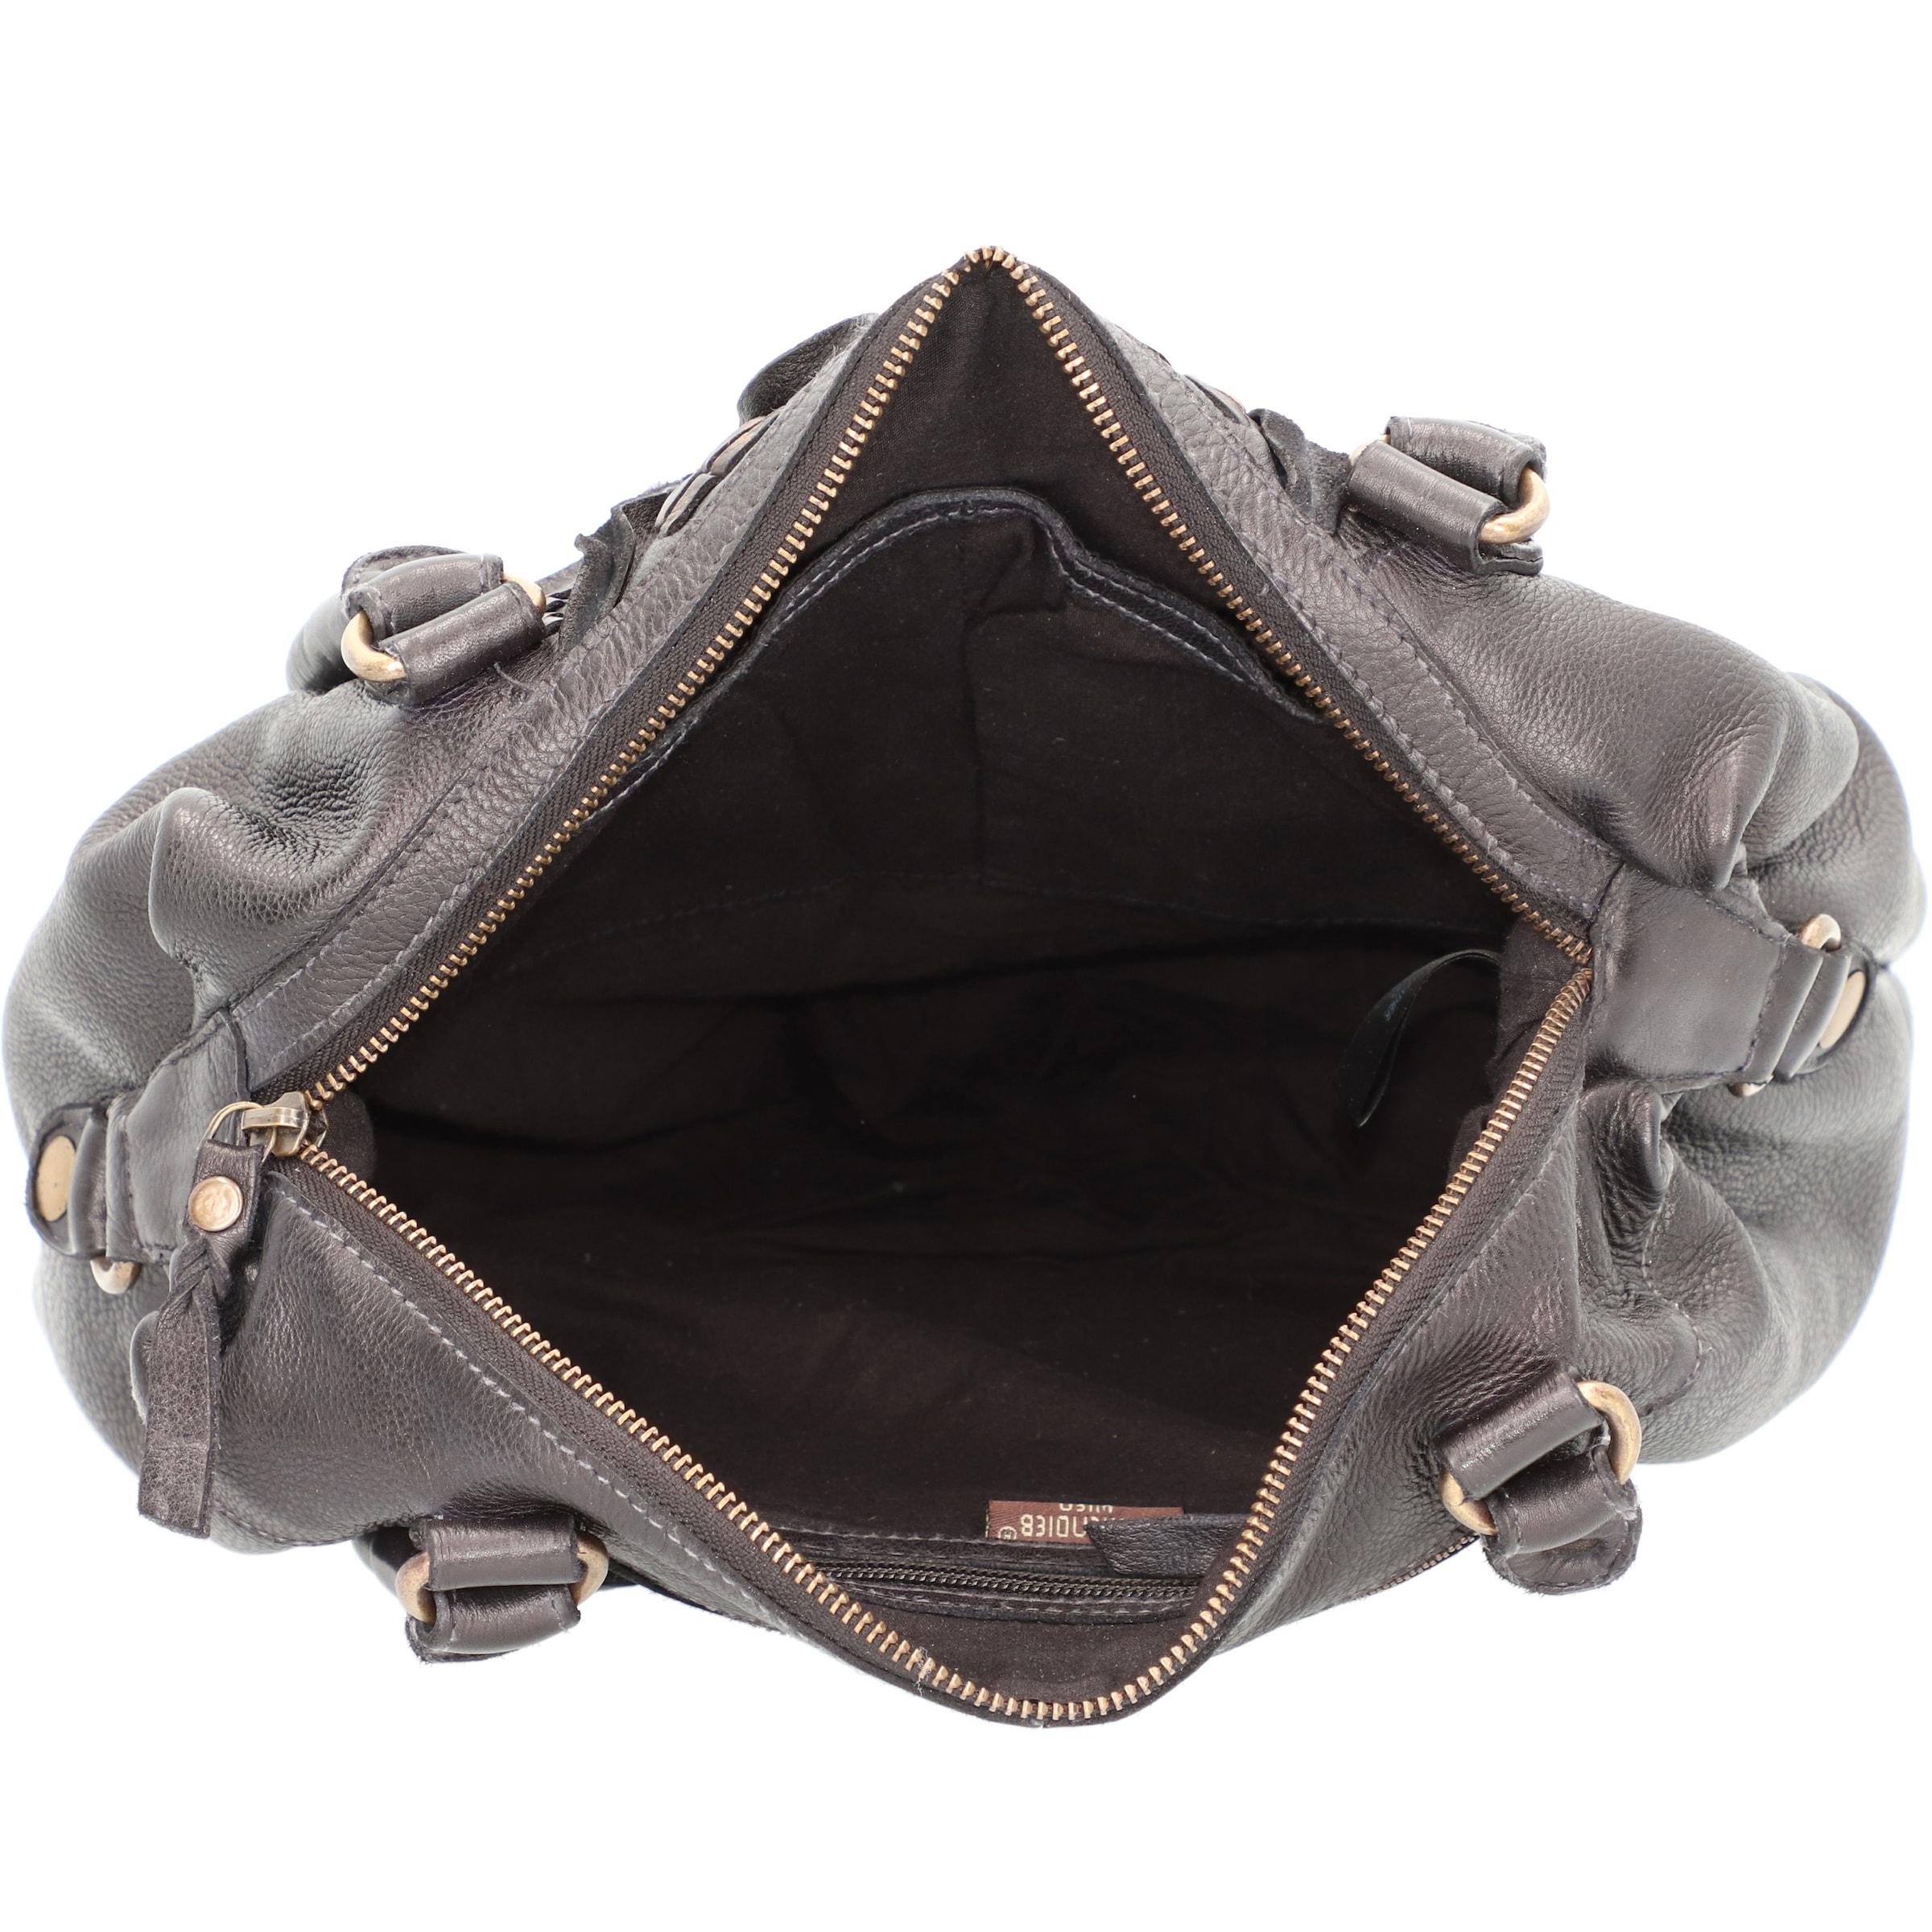 In Basaltgrau Wien Schulterttasche Taschendieb I9EDH2W